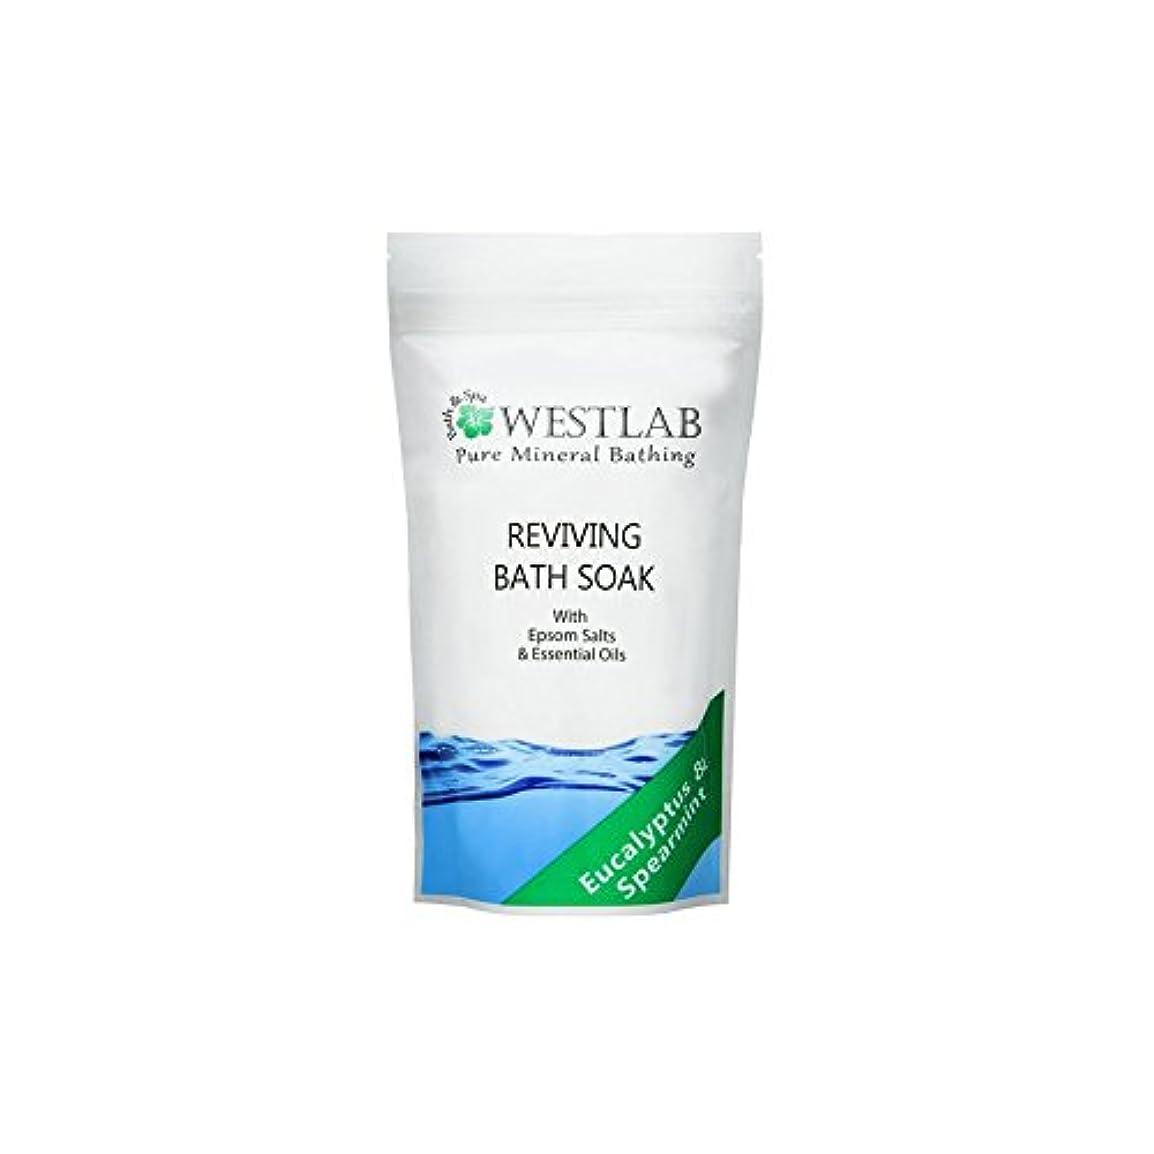 魅力的値ミッションWestlab Revive Epsom Salt Bath Soak (500g) - (500グラム)をソークエプソム塩浴を復活させます [並行輸入品]